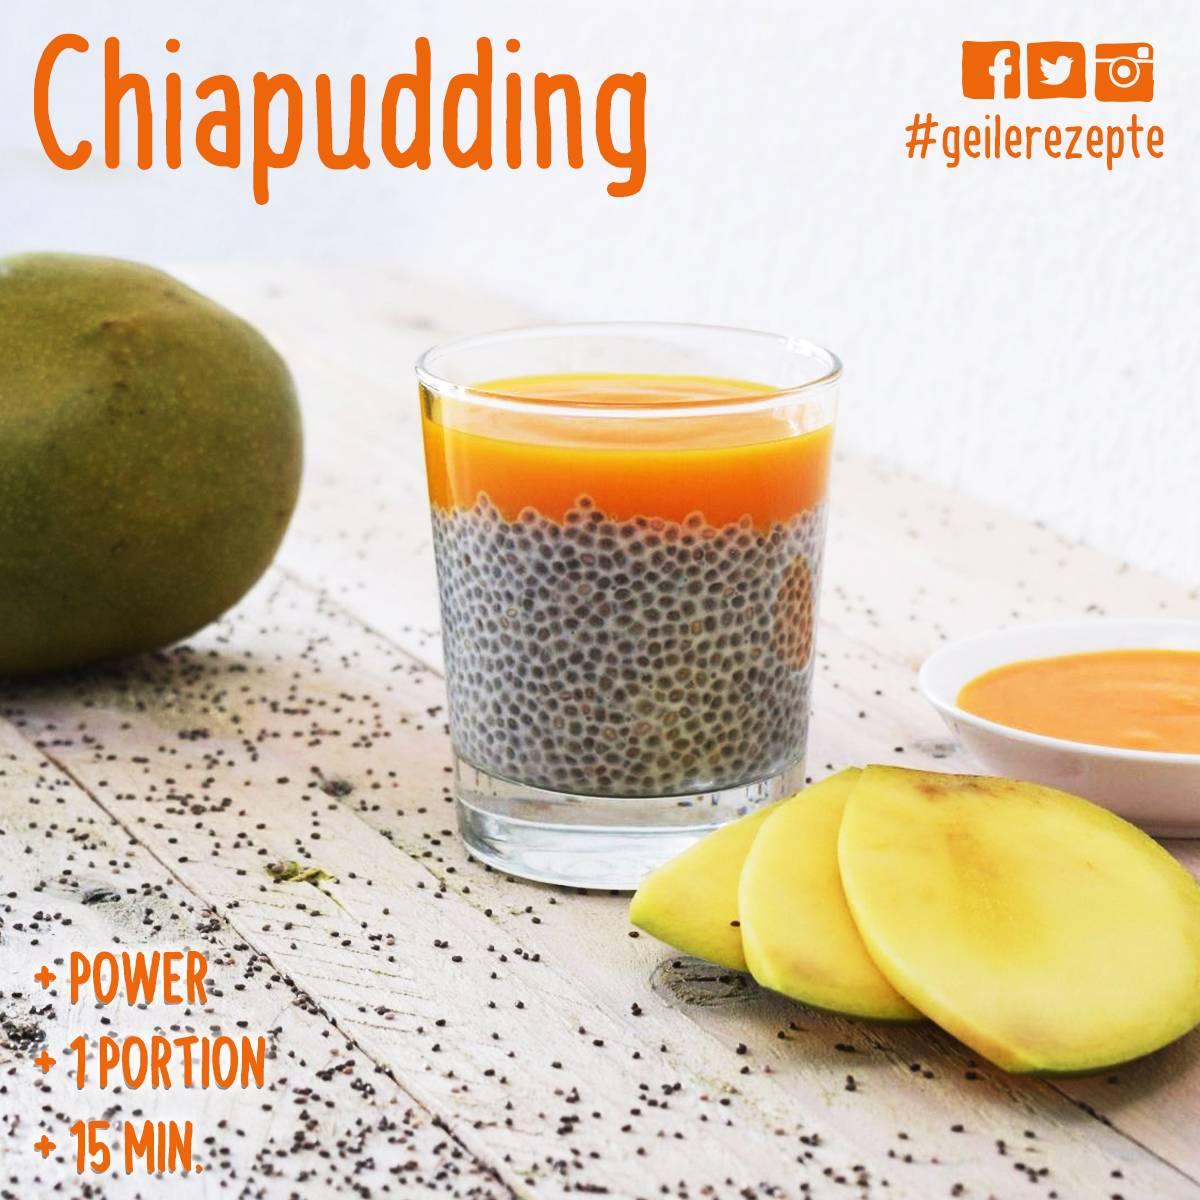 #geilerezepte: Chiapudding